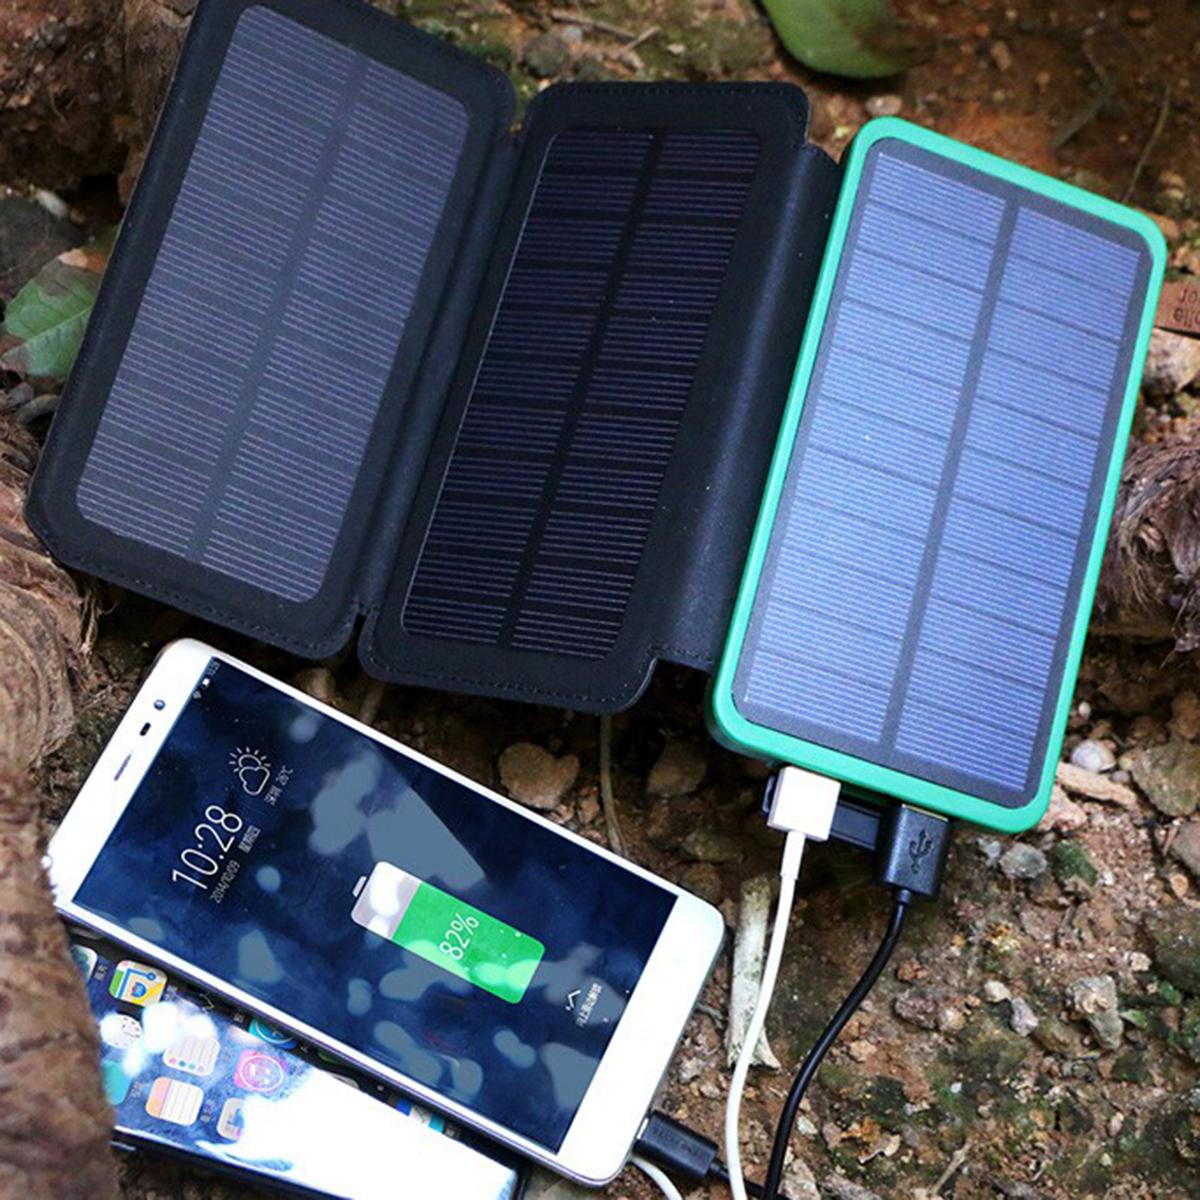 Солнечные батареи: все про альтернативный источник энергии — solar-energ.ru. портативное зарядное устройство на солнечной батарее: обзор моделей и выбор портативное зарядное устройство на солнечной батарее: обзор моделей и выбор